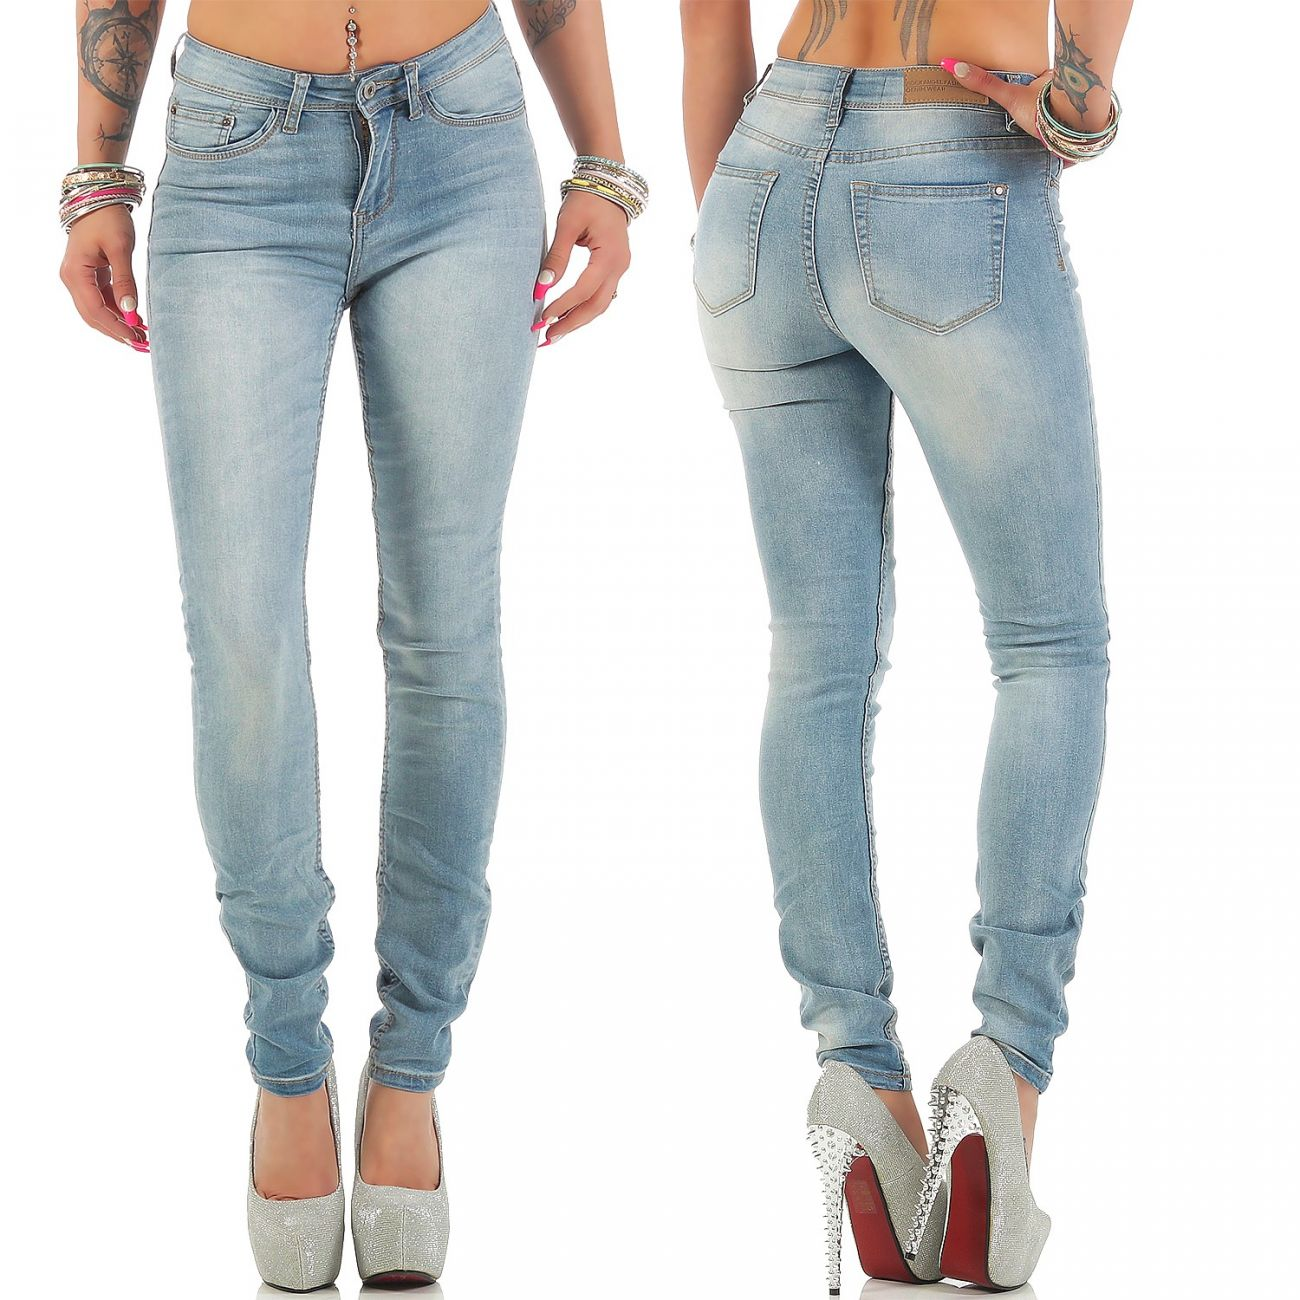 Angels Stone Washed Regular Fit Jeans Hose Stretch Freizeit Damen